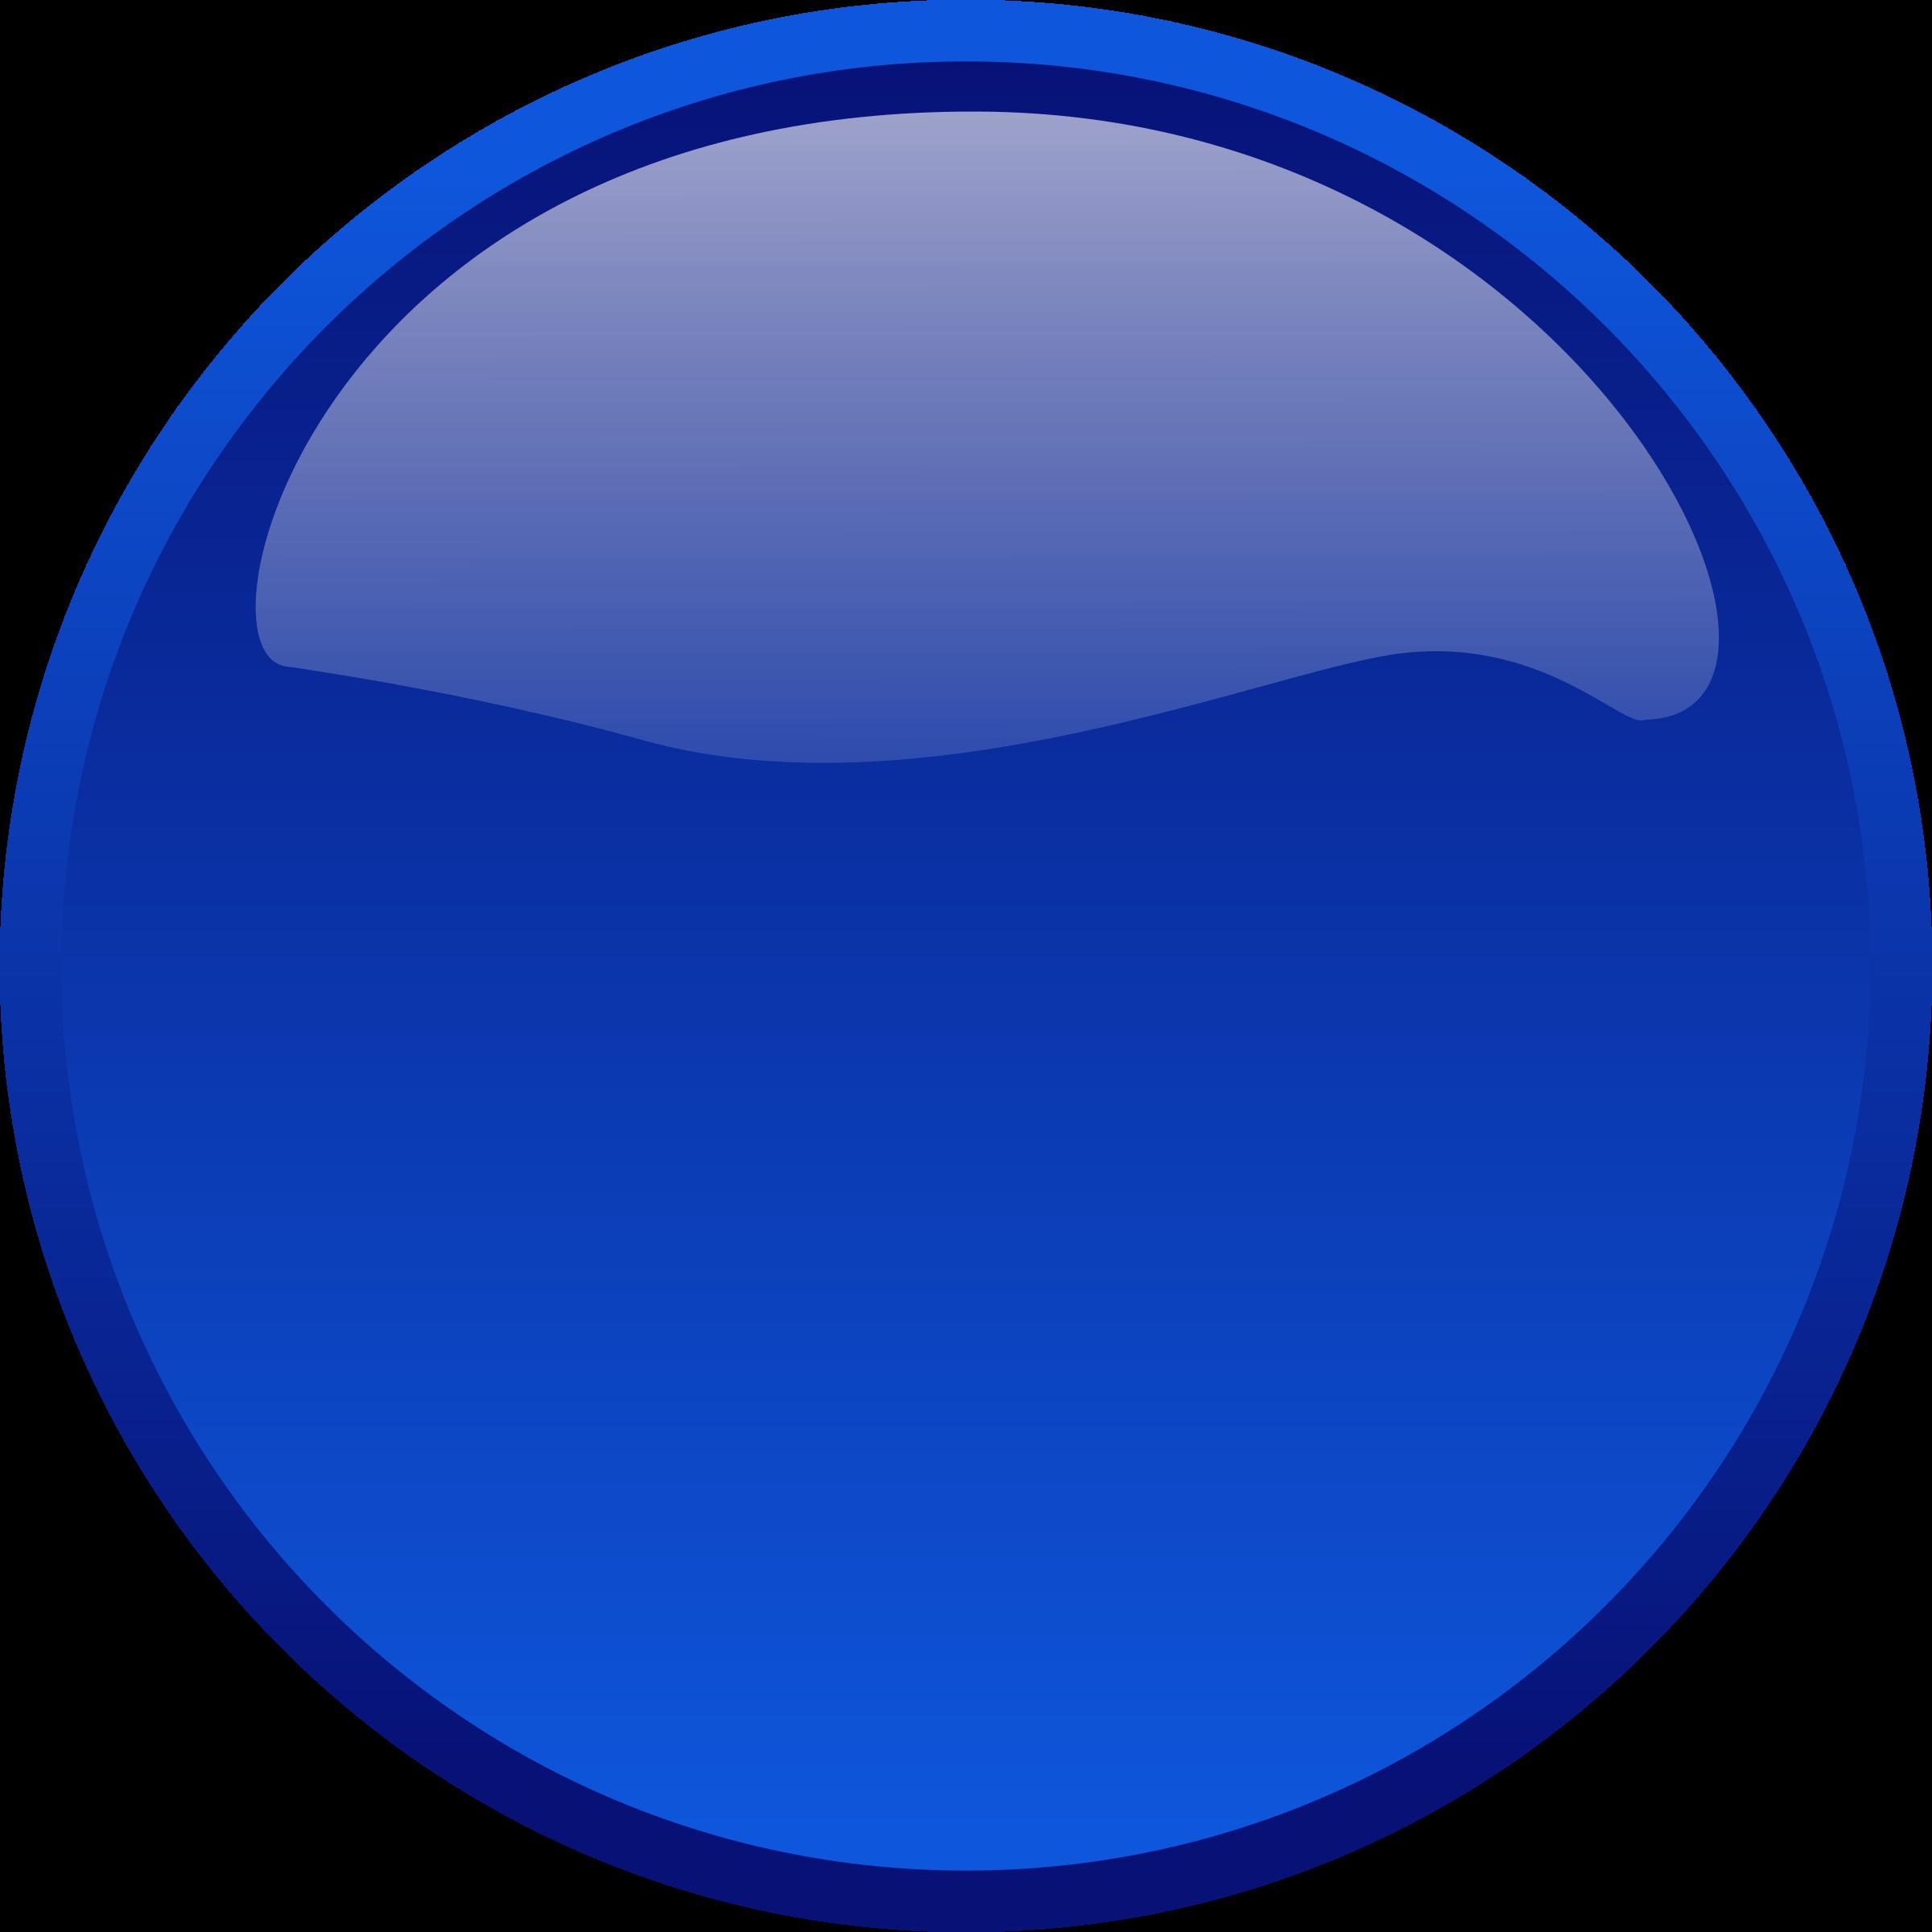 Clipart - Button Blue